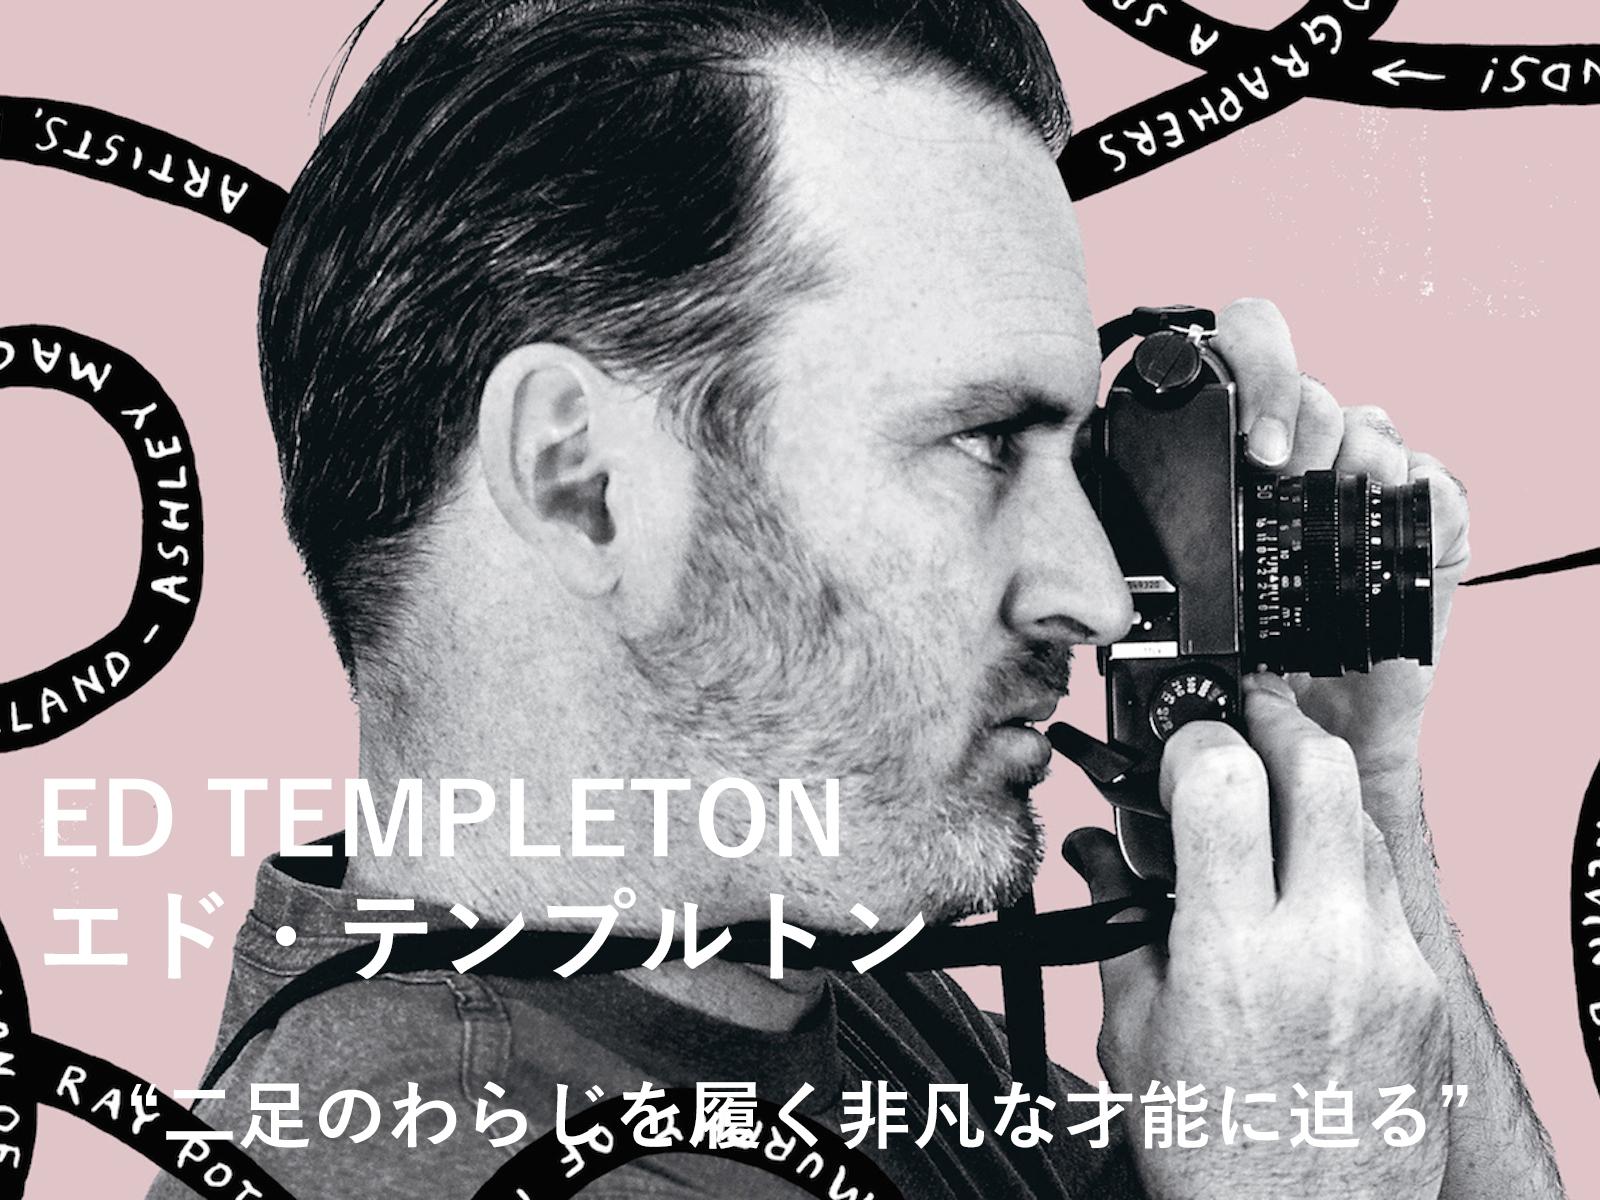 エド・テンプルトンに再注目!